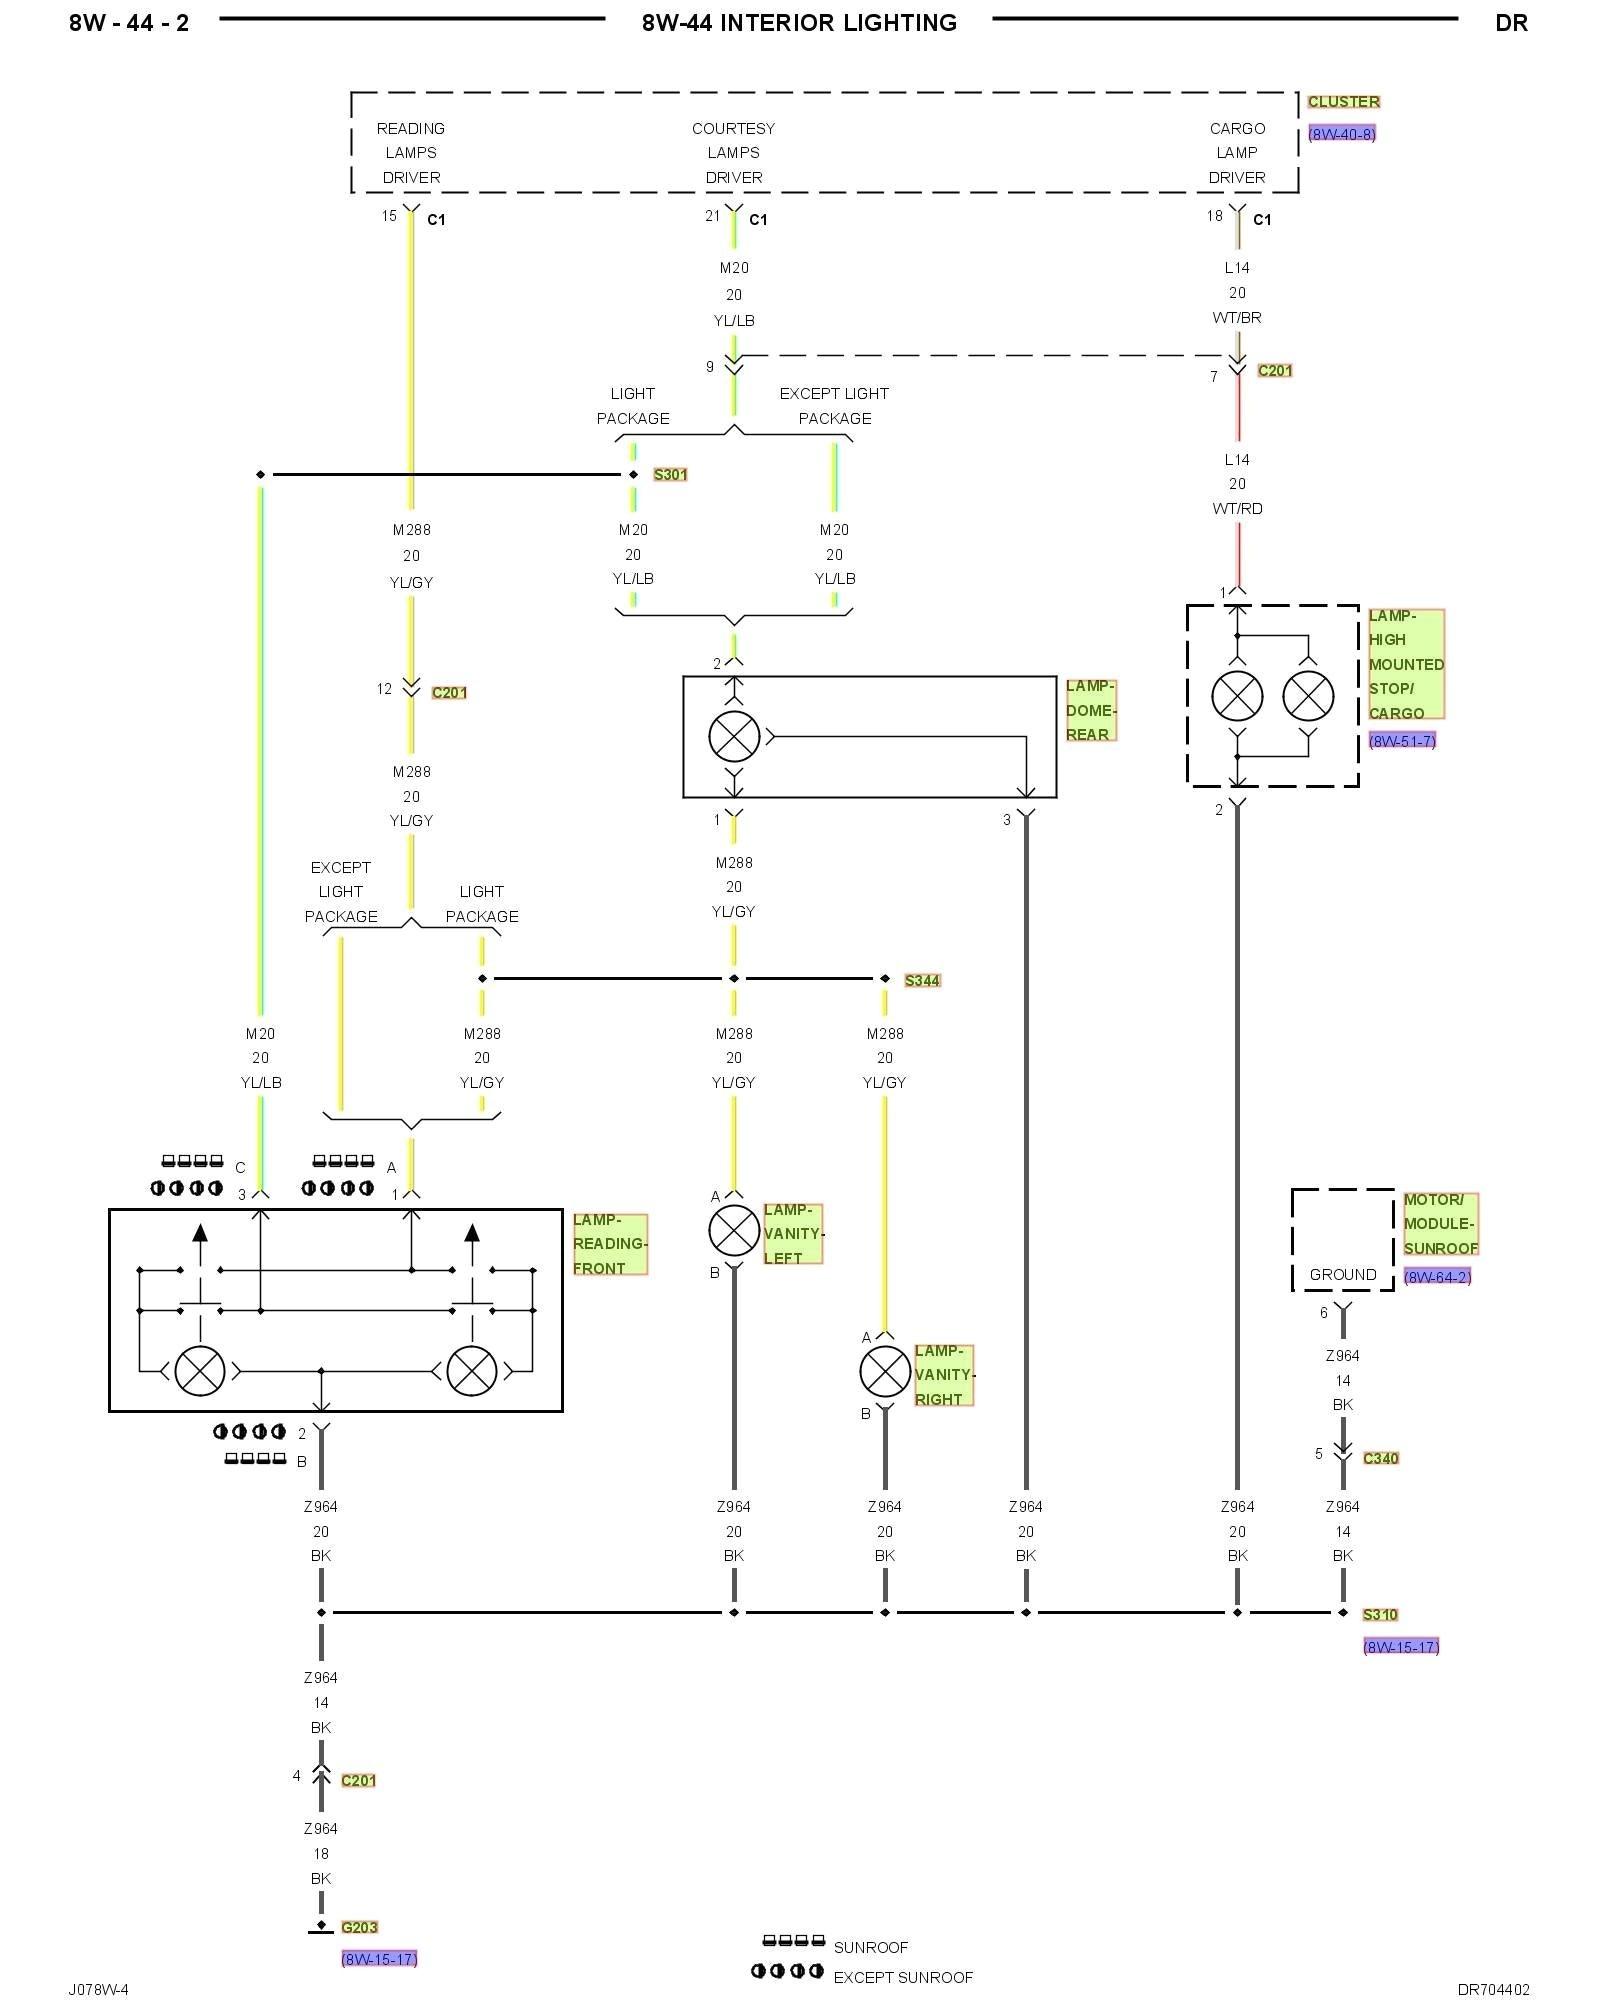 2004 Dodge Ram 2500 Wiring Diagram | Free Wiring Diagram